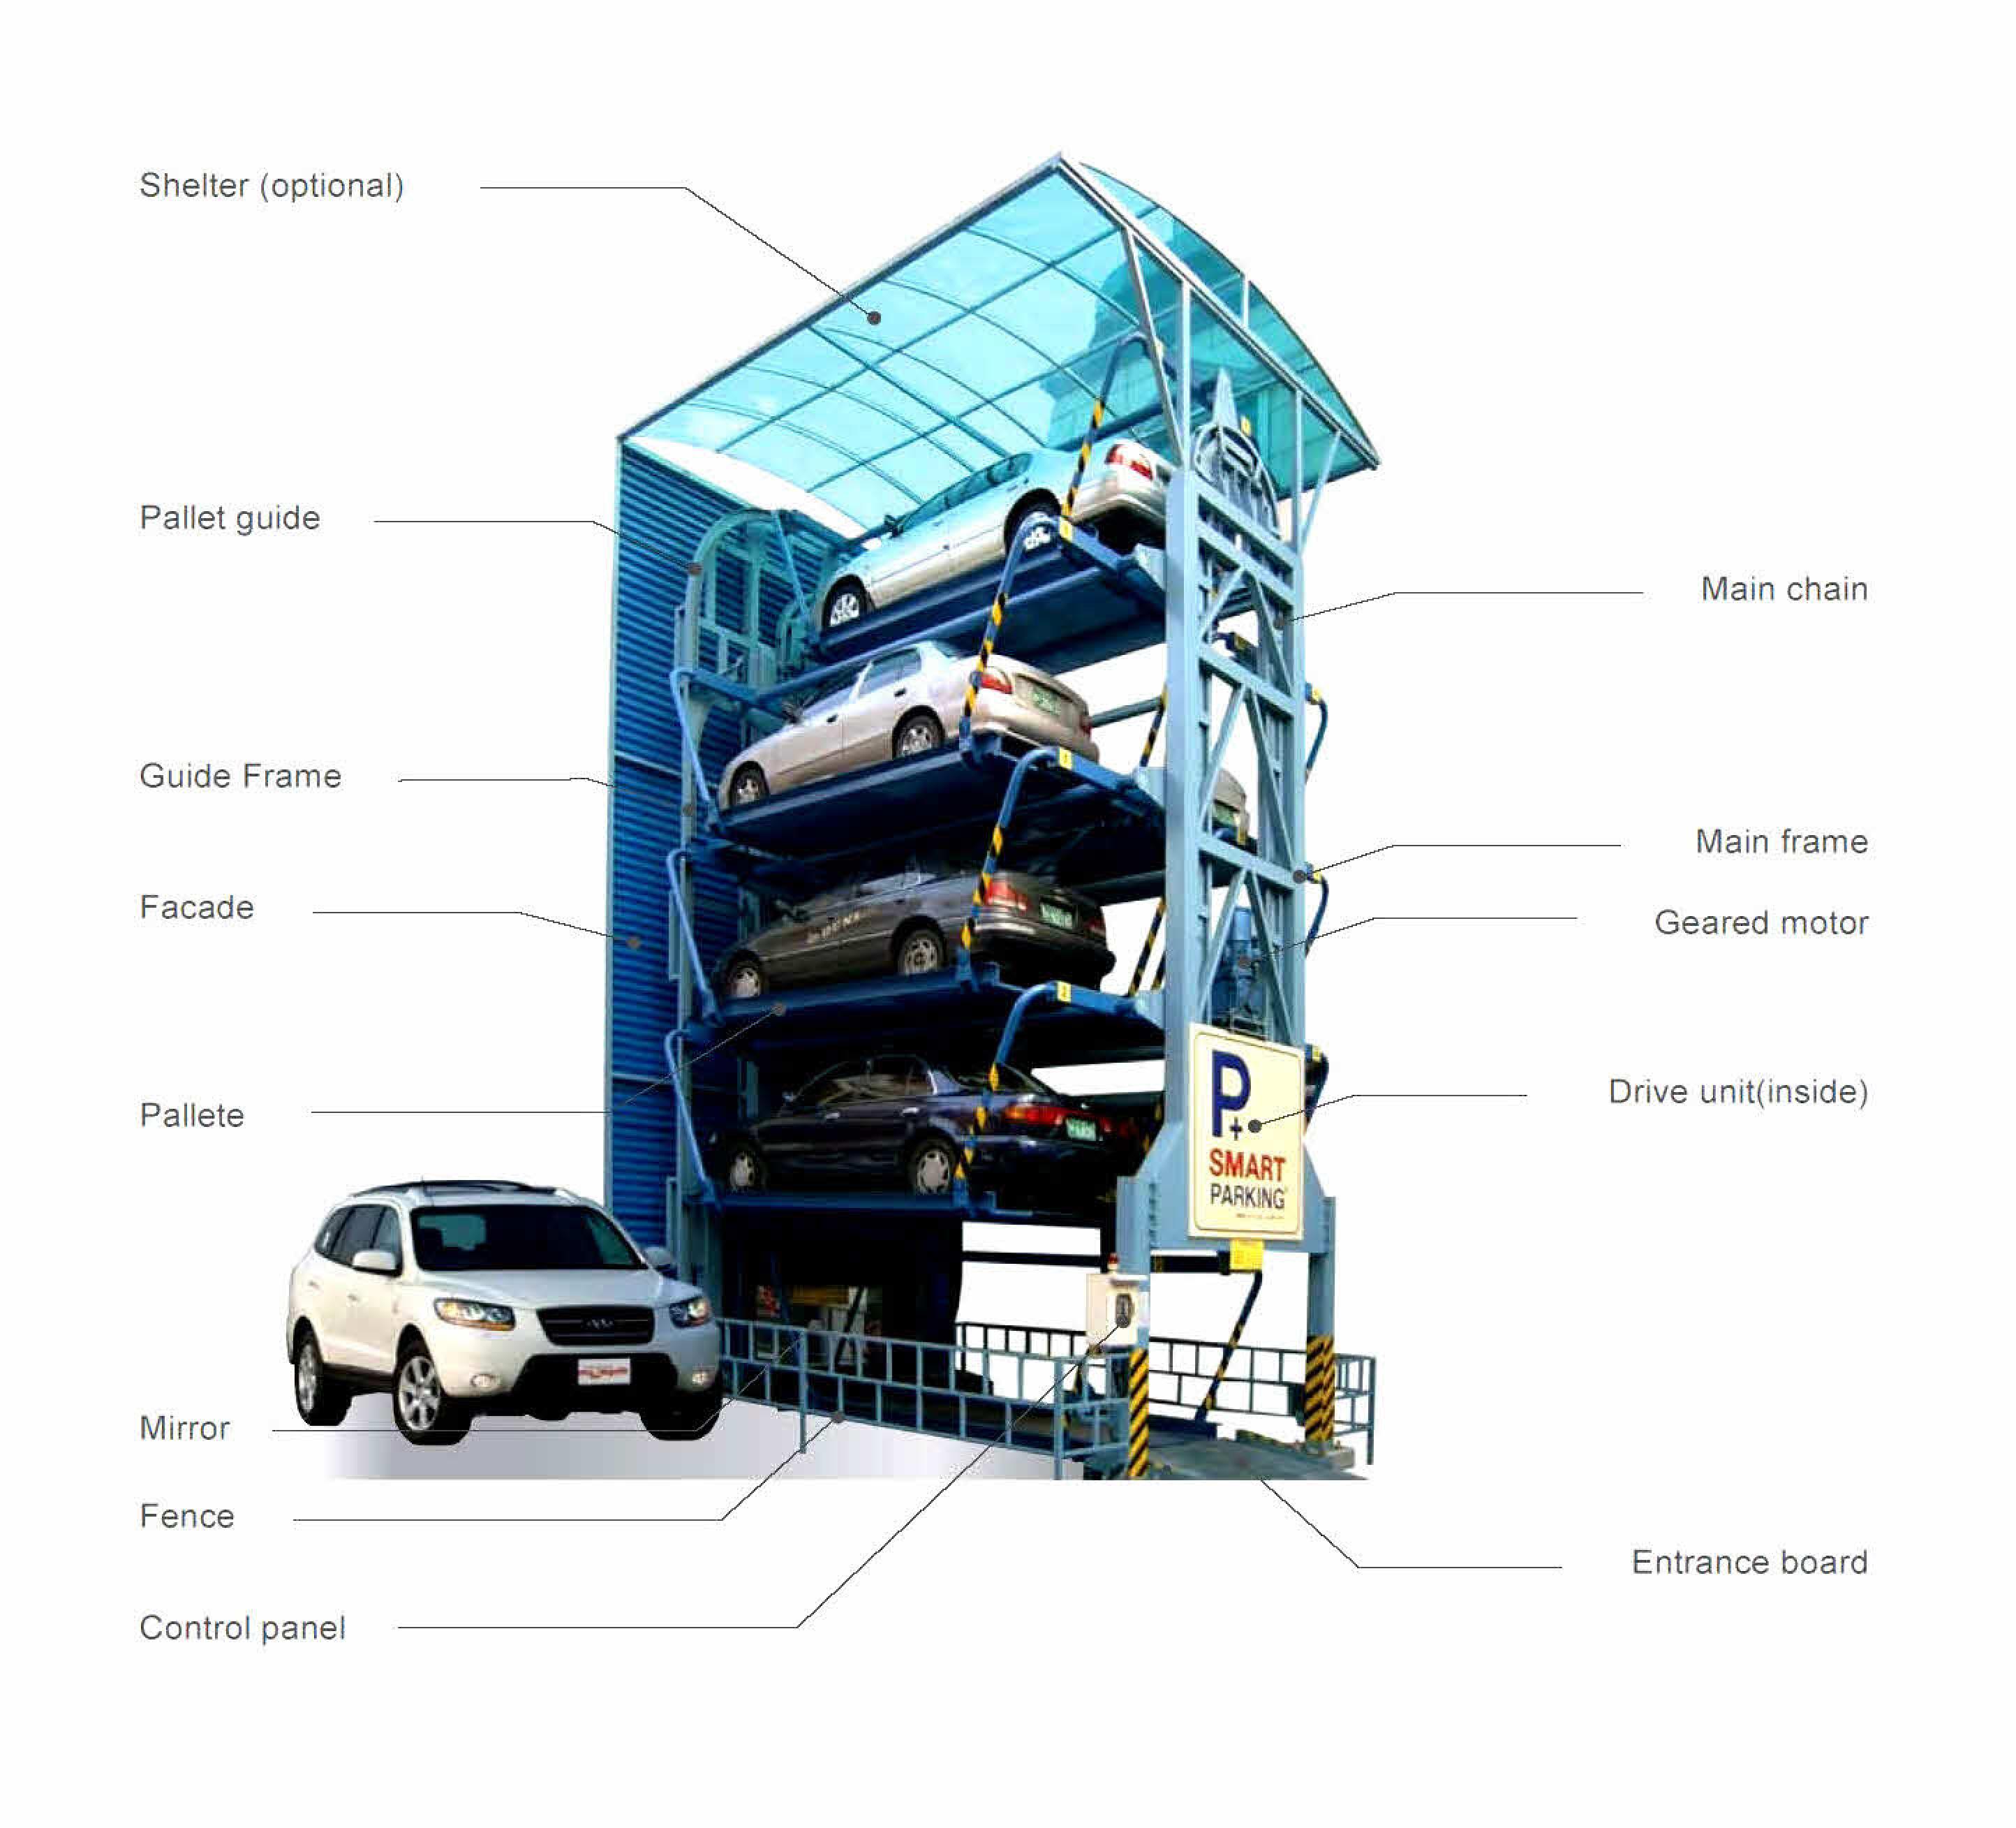 Cơ chế hoạt động của bãi đỗ xe tự động xoay vòng